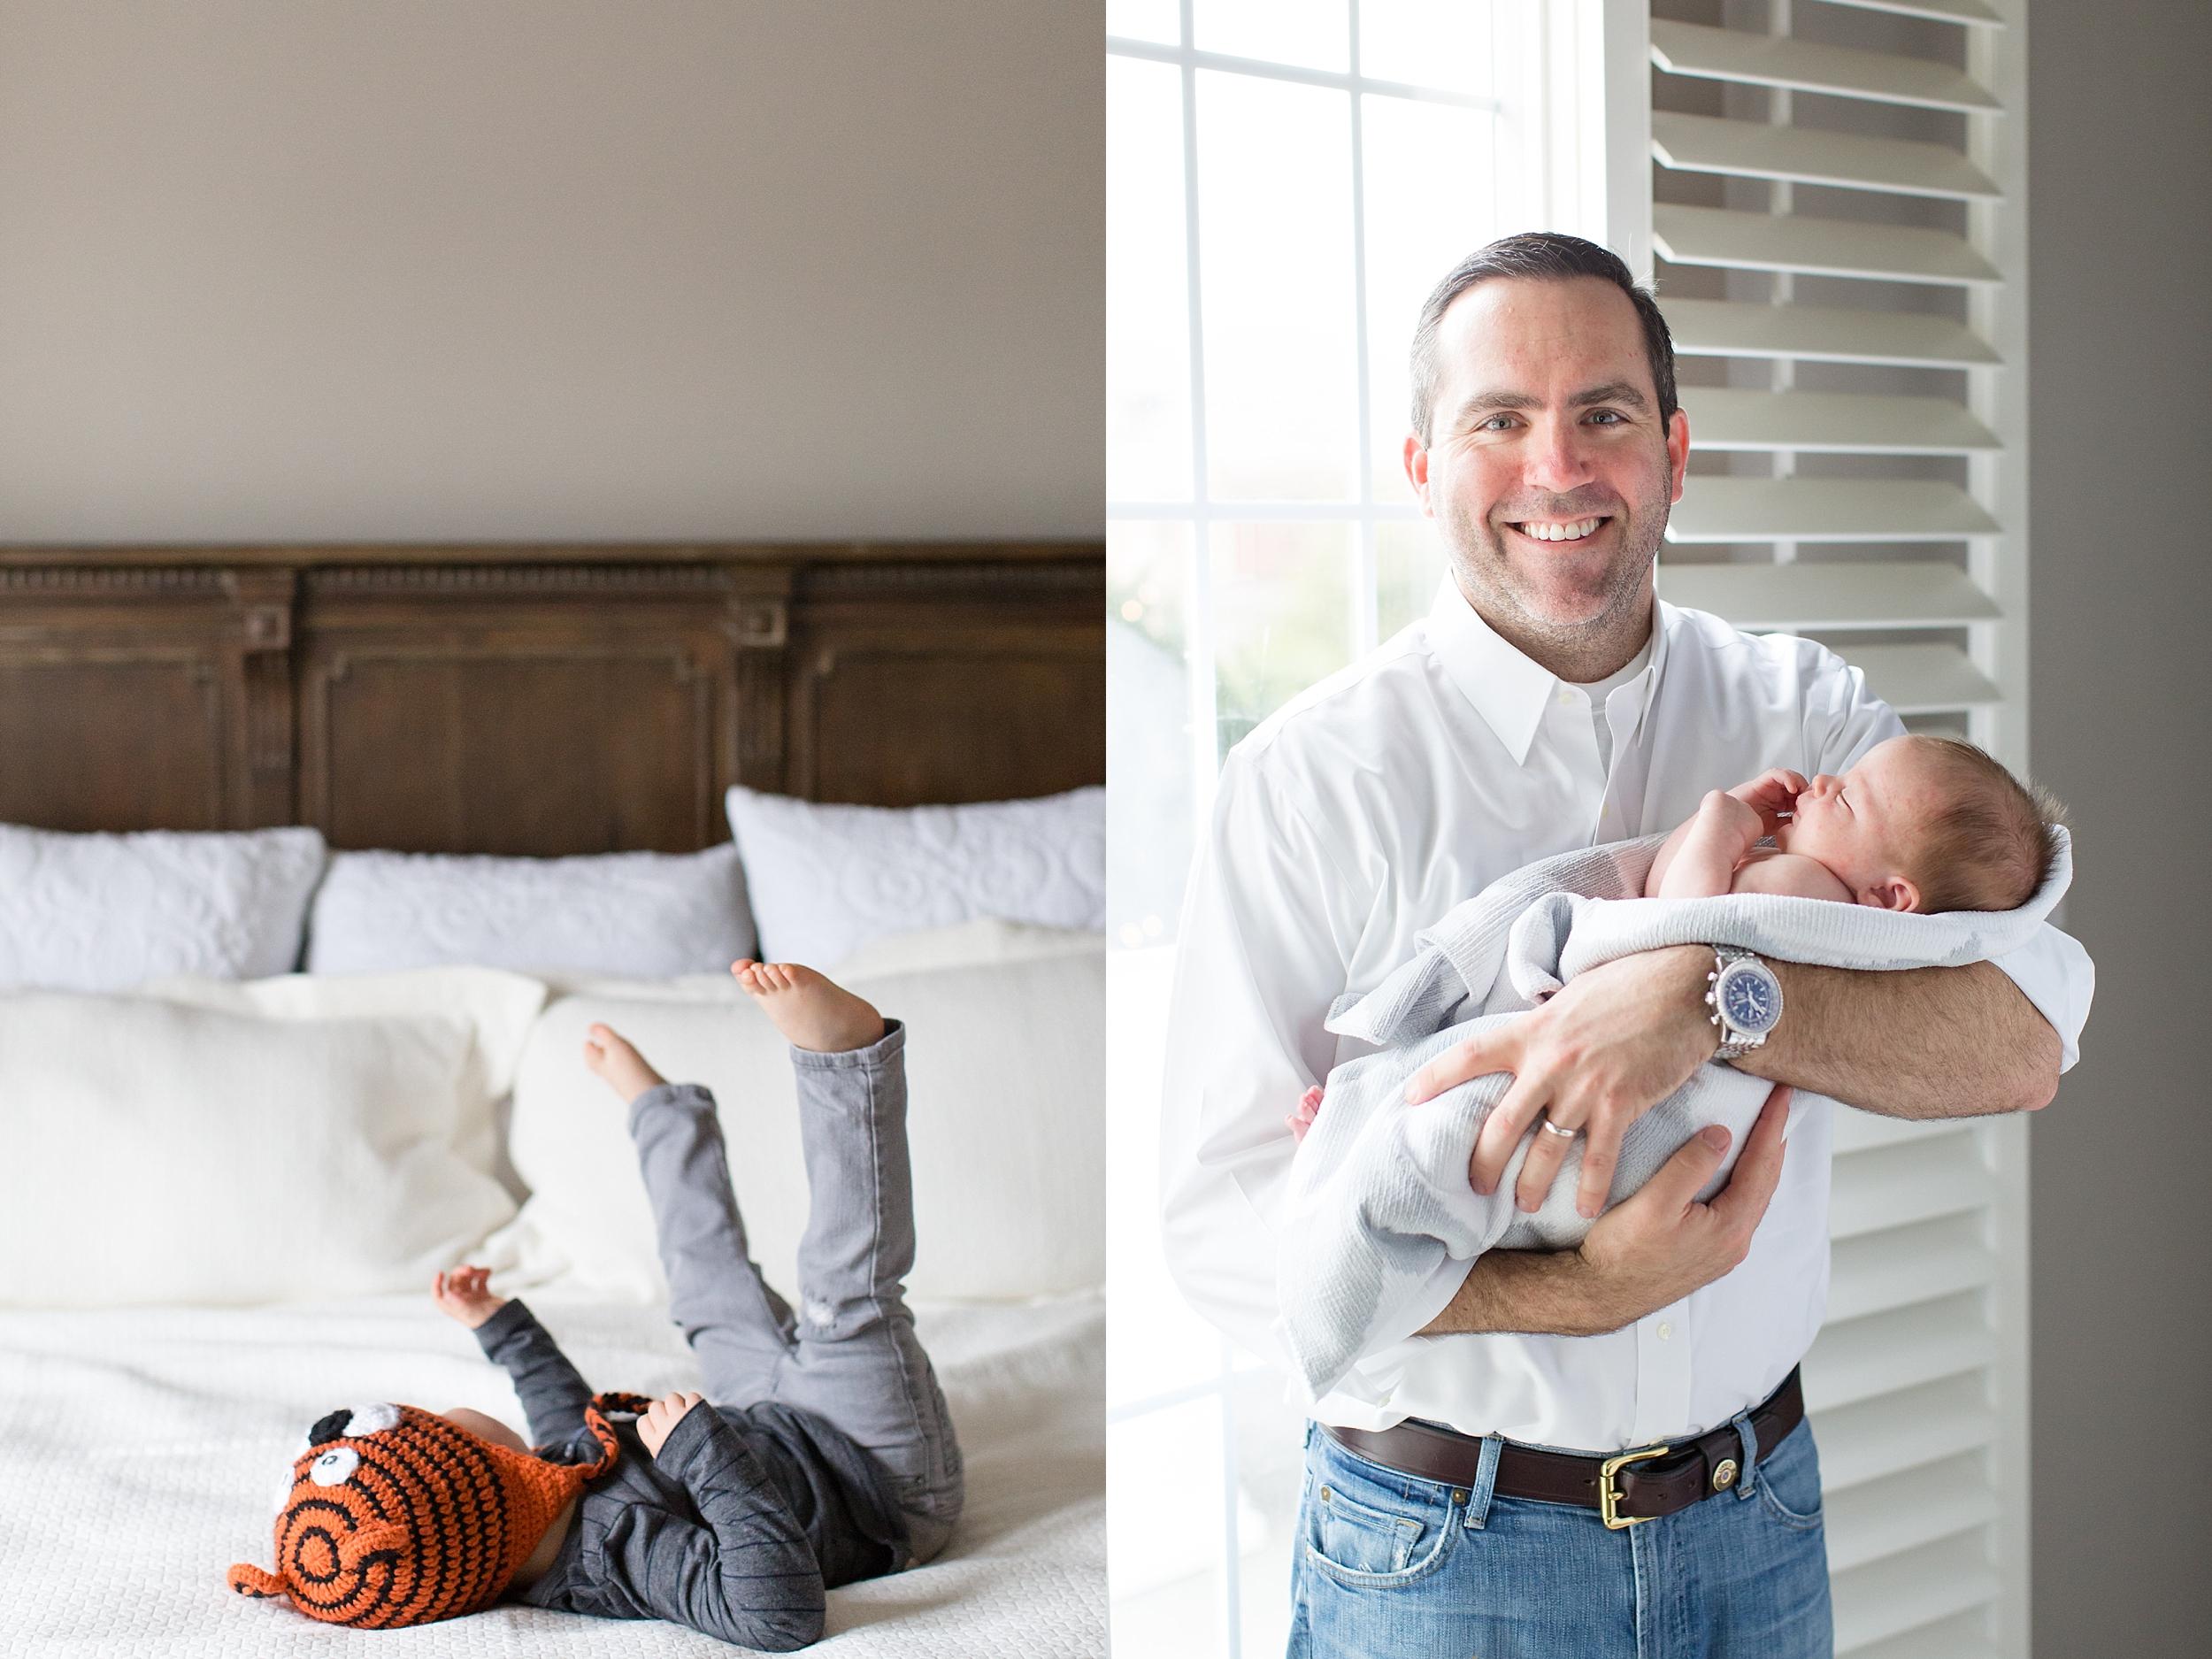 Landon-Schneider-Photography-Liverance-Newborn-Session-McKinney-Texas_0019.jpg